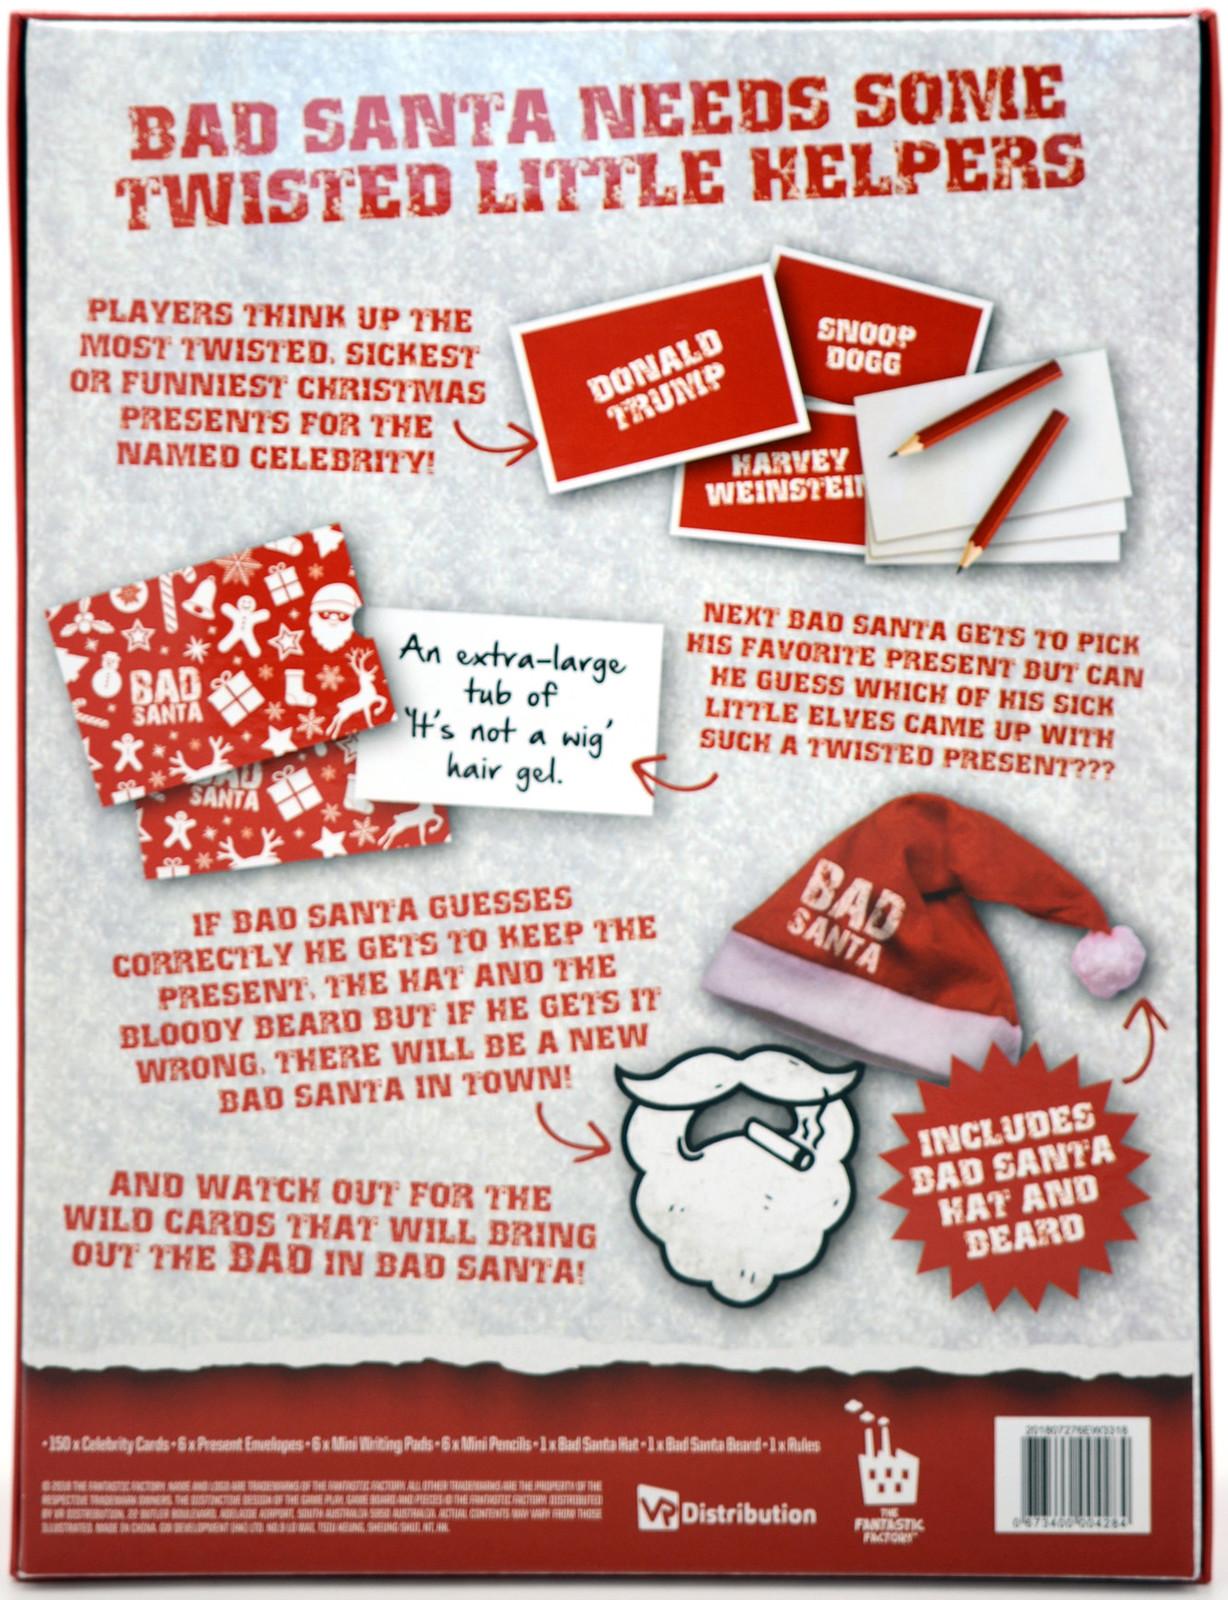 Bad Santa - Party Game image